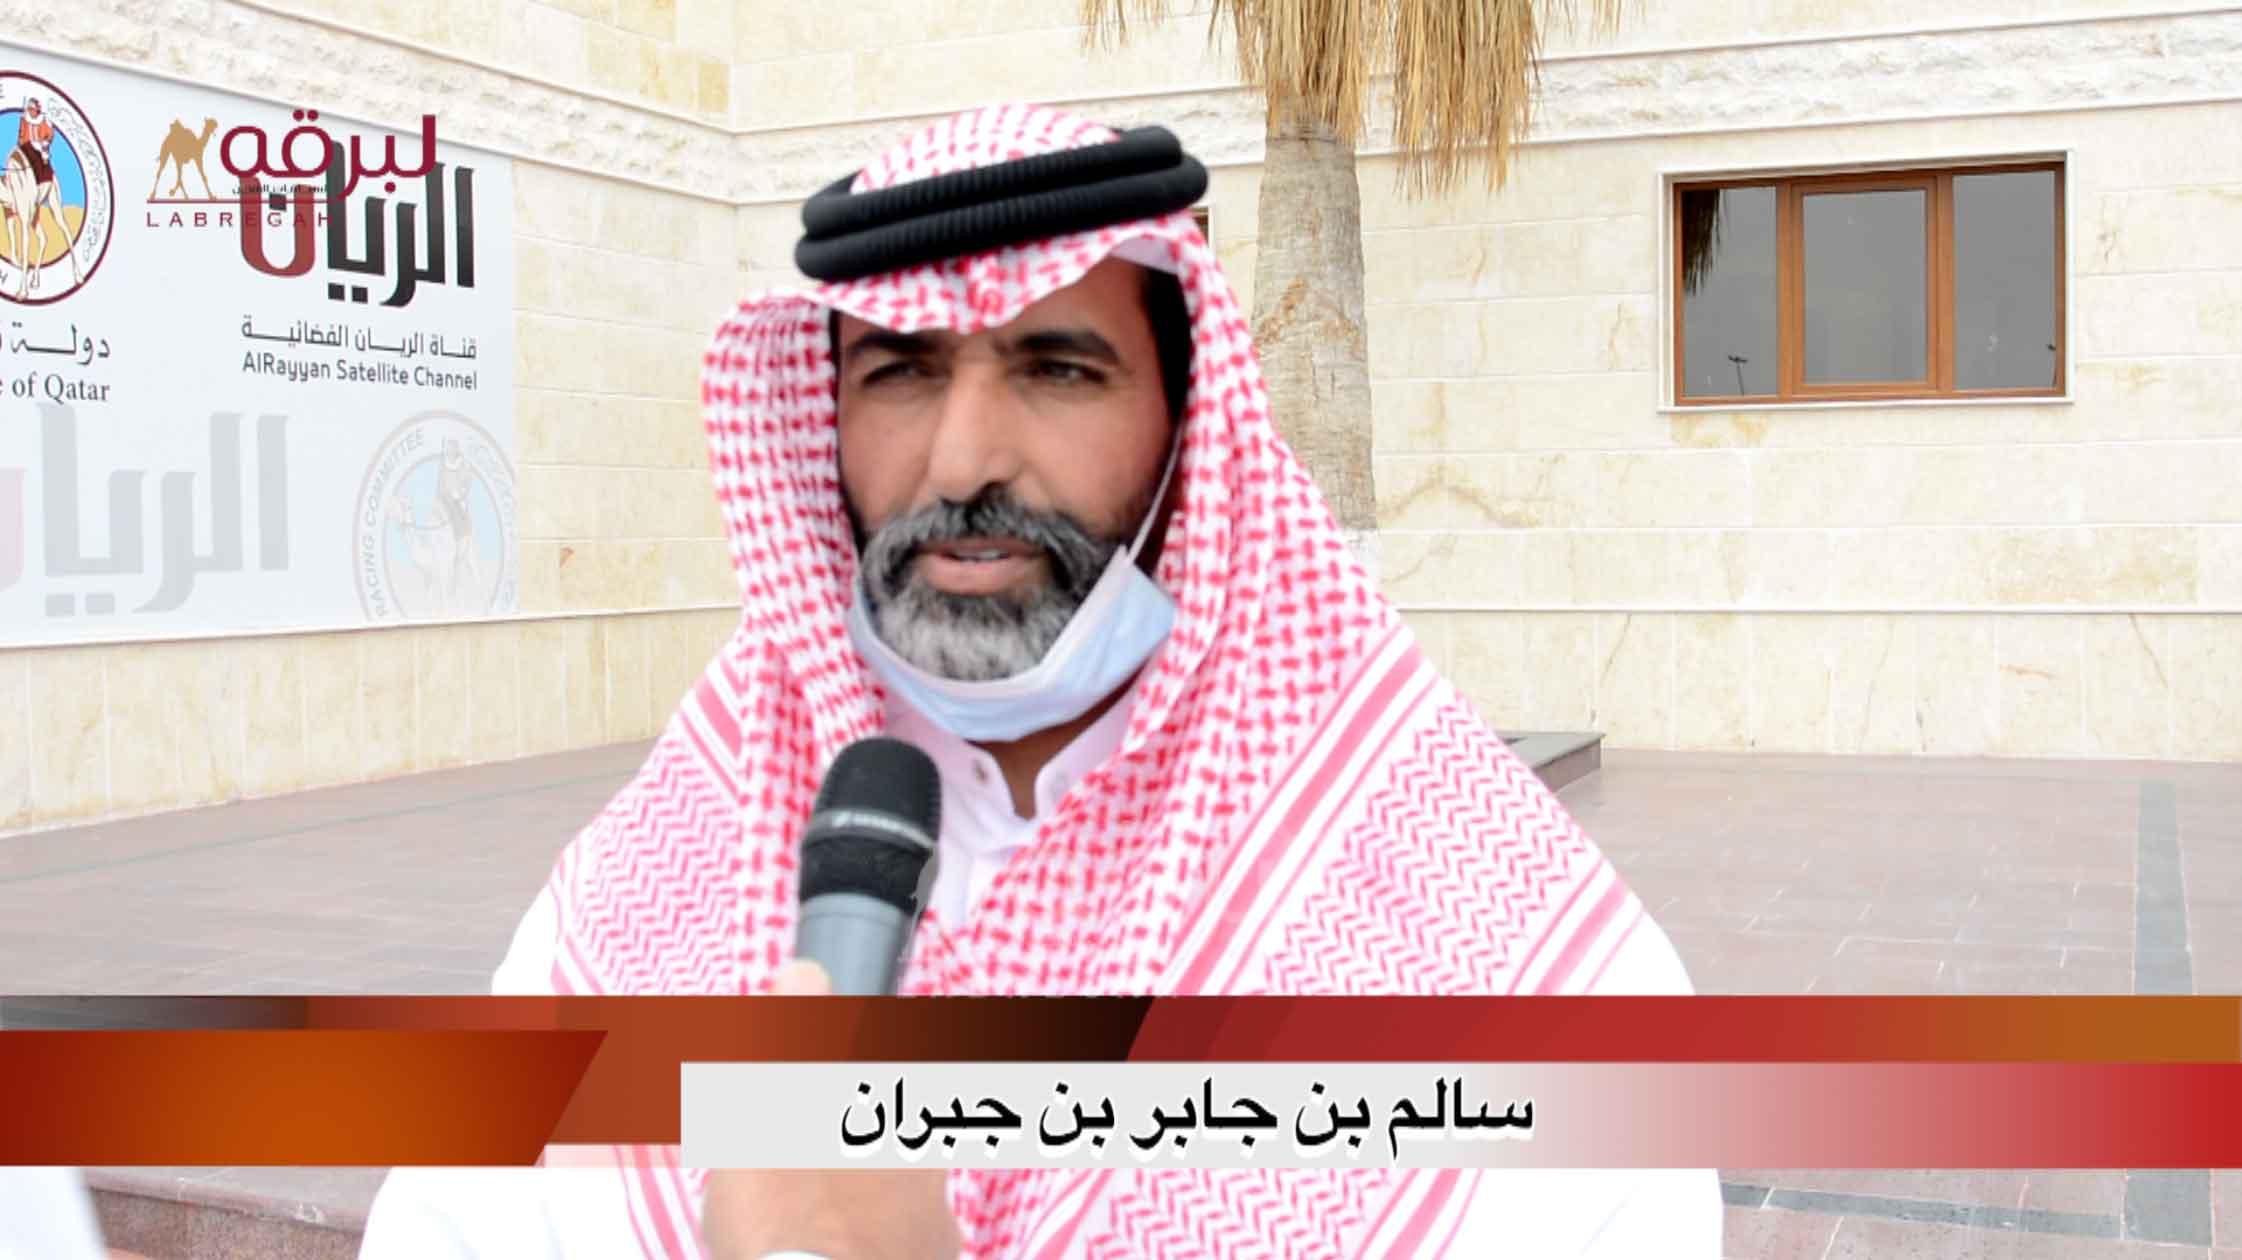 لقاء مع سالم بن جابر بن جبران.. الخنجر الفضي للحقايق قعدان « مفتوح » الأشواط العامة  ٢٩-١١-٢٠٢٠